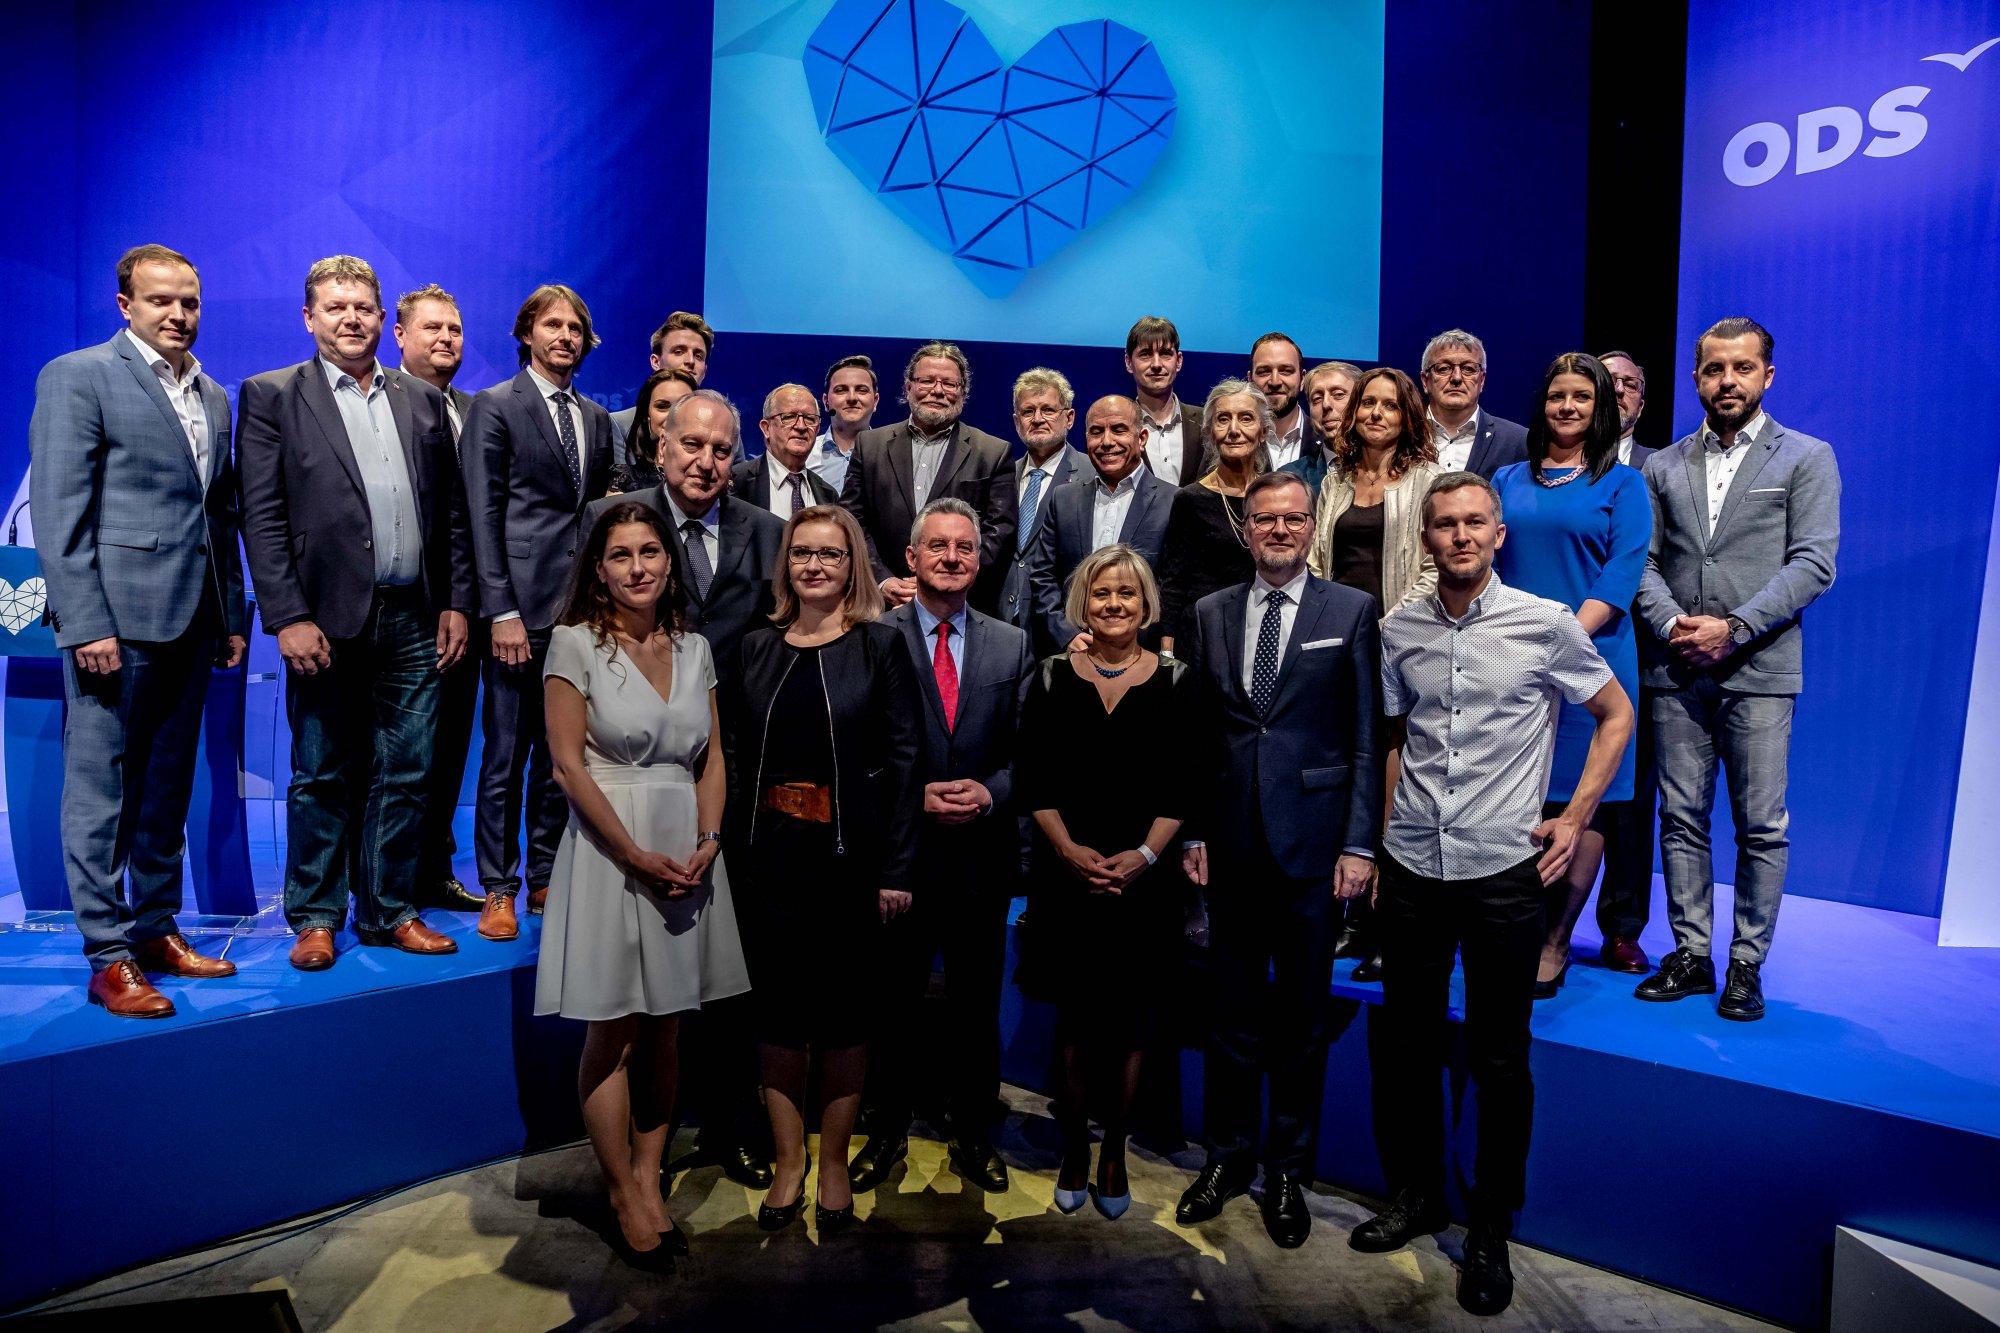 ODS: EU je šance, kterou je potřeba lépe uchopit